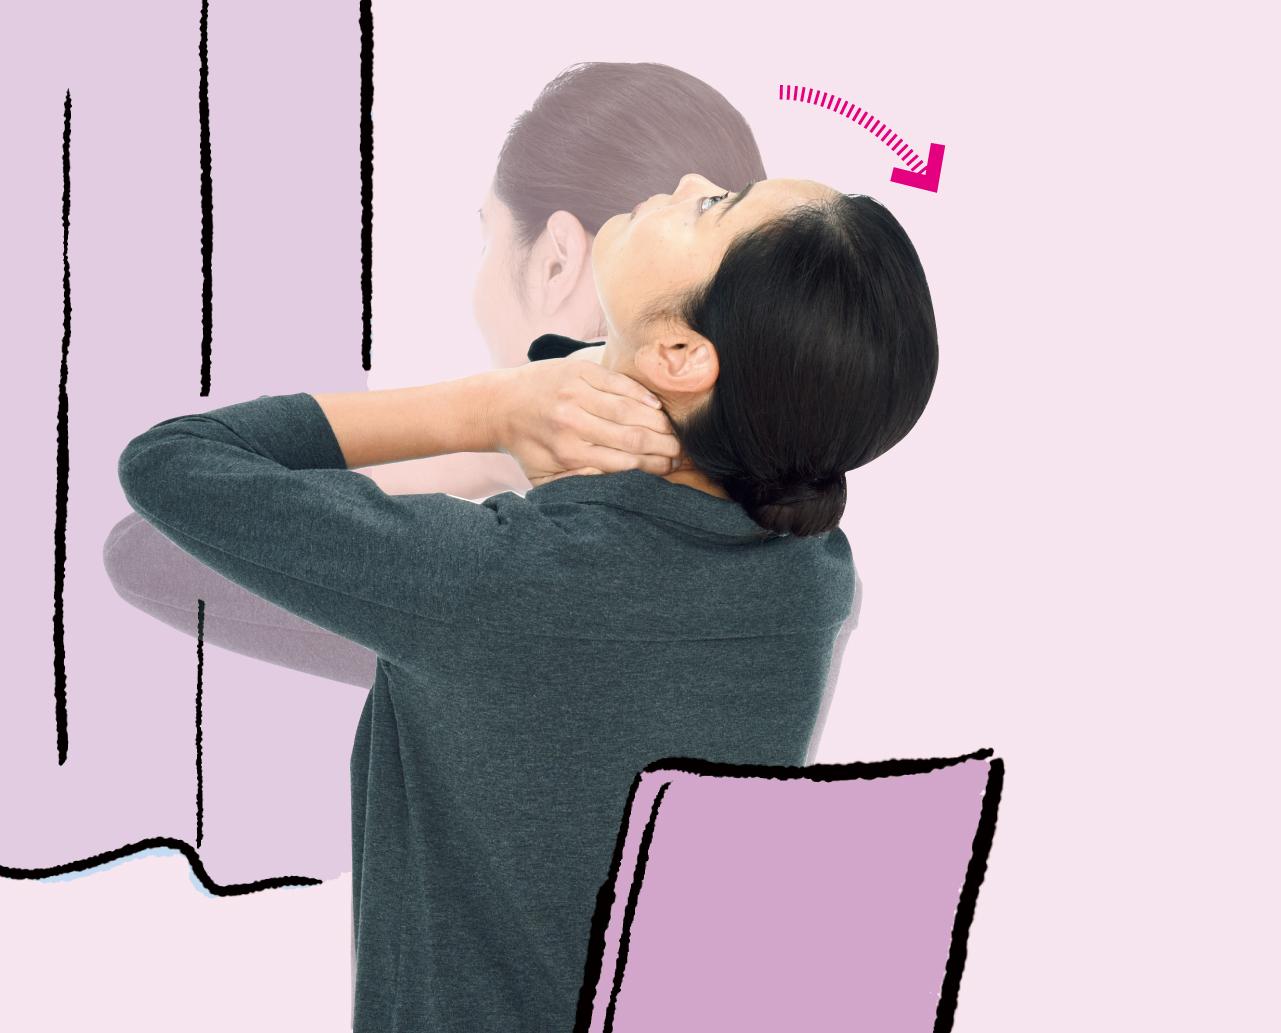 指圧ストレッチで首の痛み改善